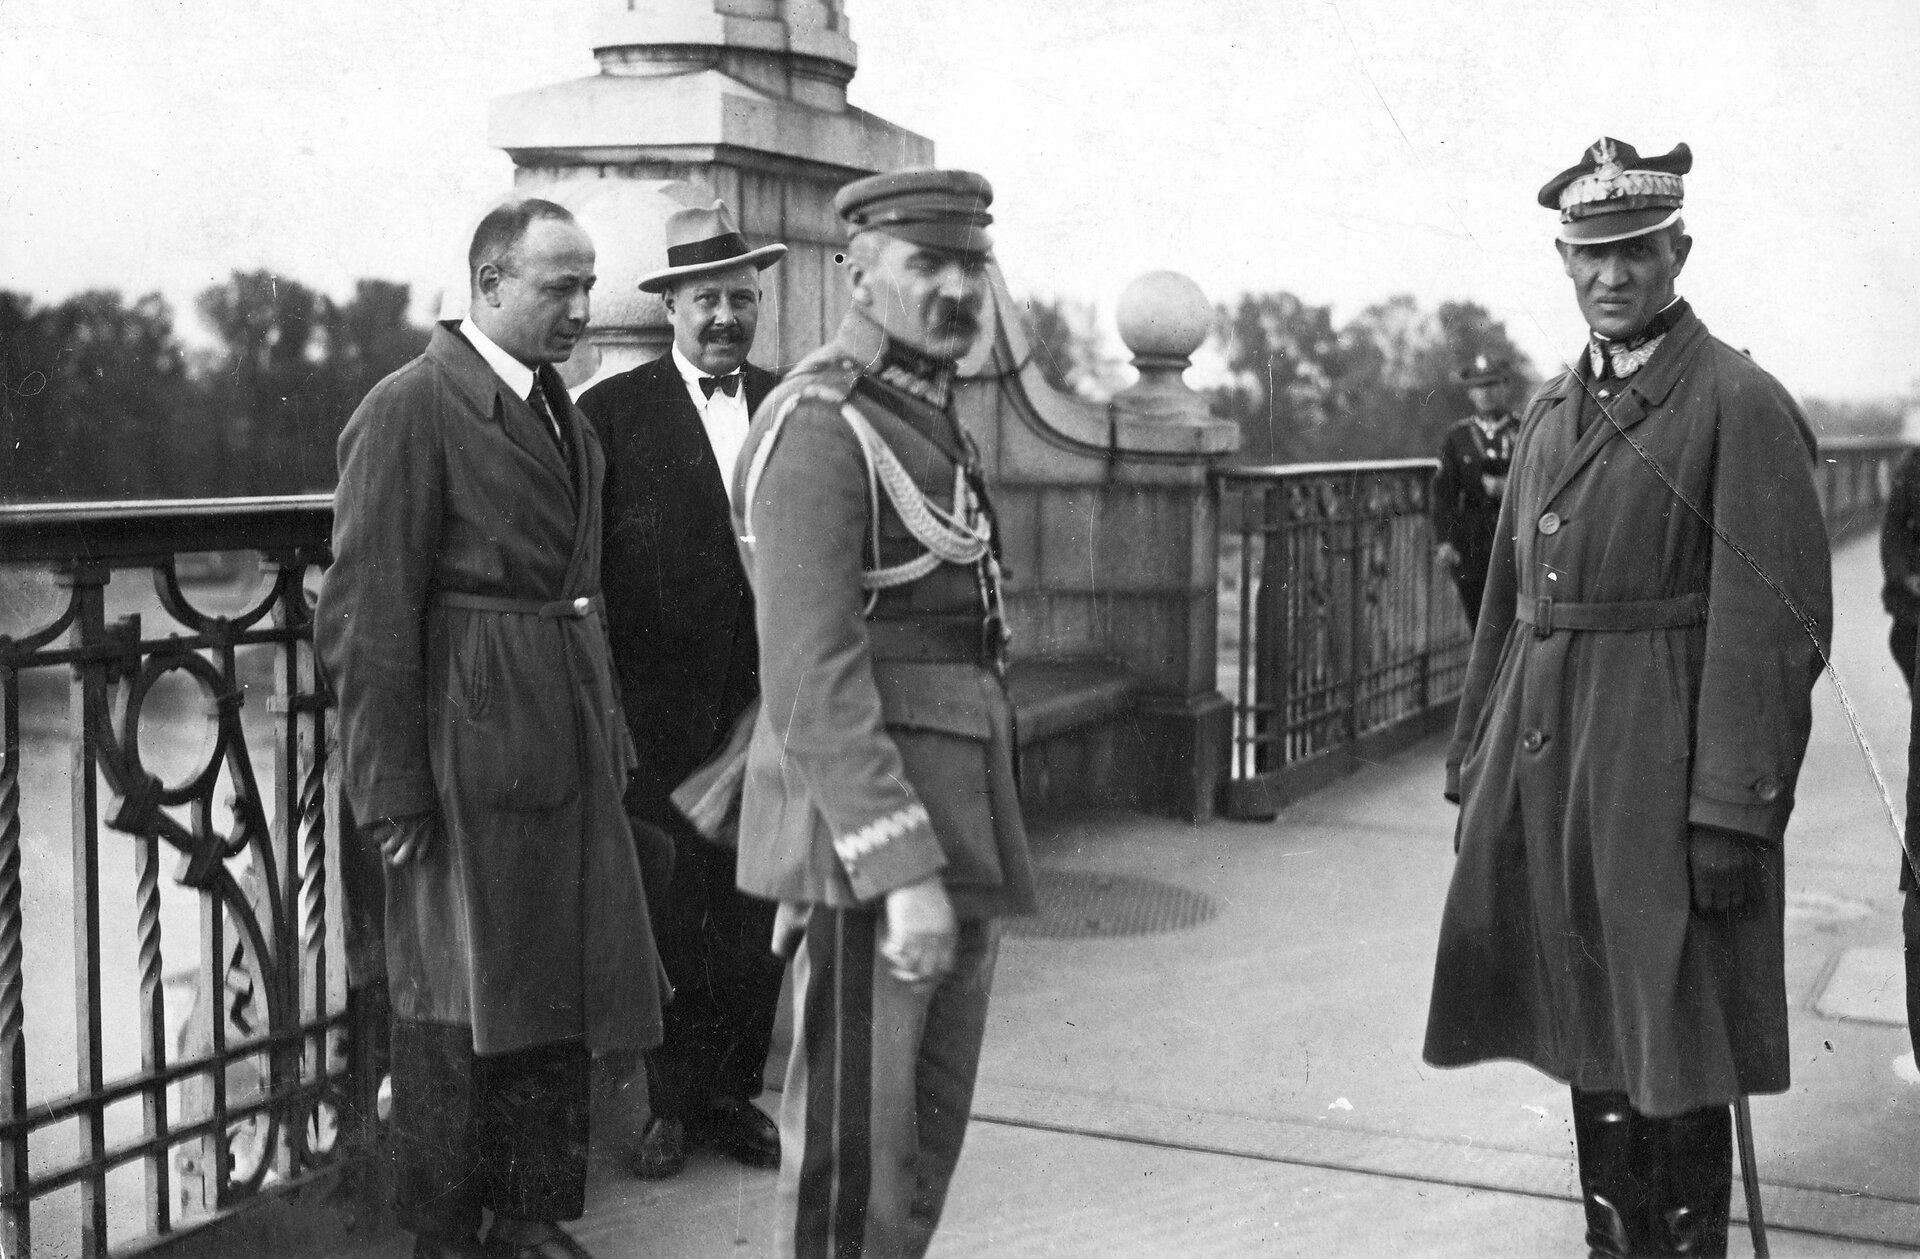 Spotkanie Józefa Piłsudskiego ze Stanisławem Wojciechowskim Spotkanie Józefa Piłsudskiego ze Stanisławem Wojciechowskim Źródło: domena publiczna.